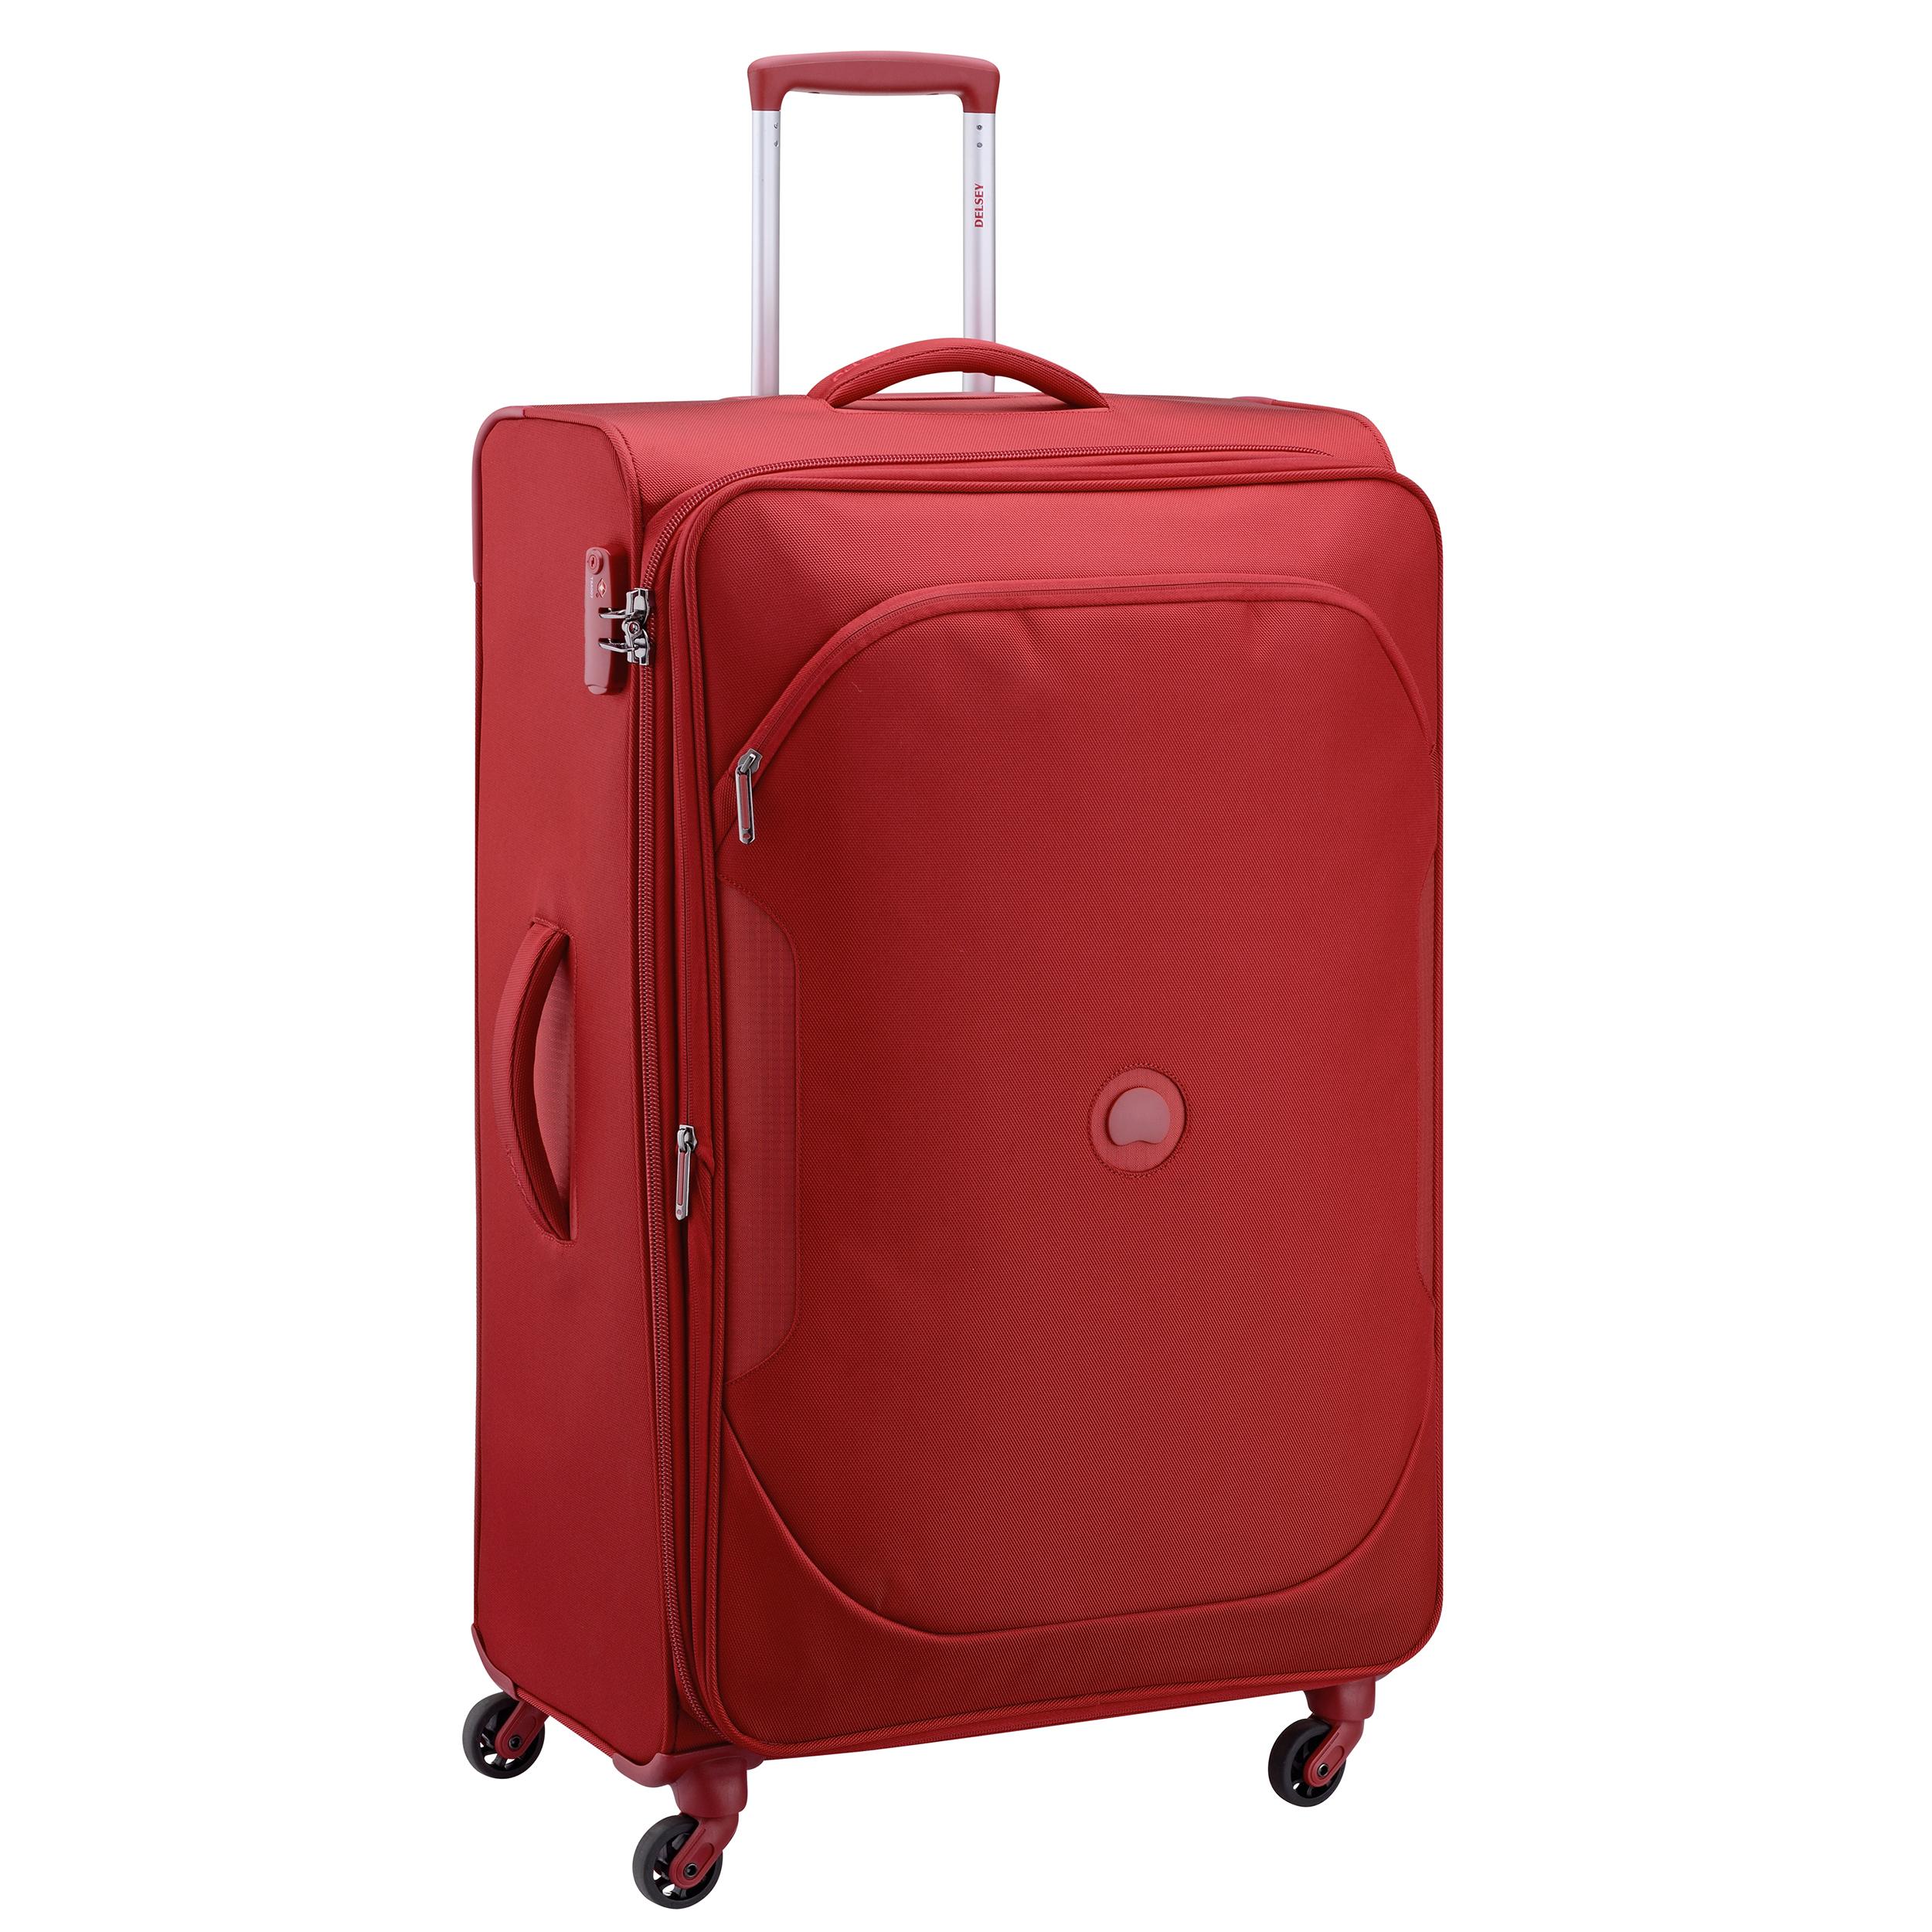 چمدان دلسی مدل ULITE CLASSIC 2 کد 3246830 سایز خیلی بزرگ